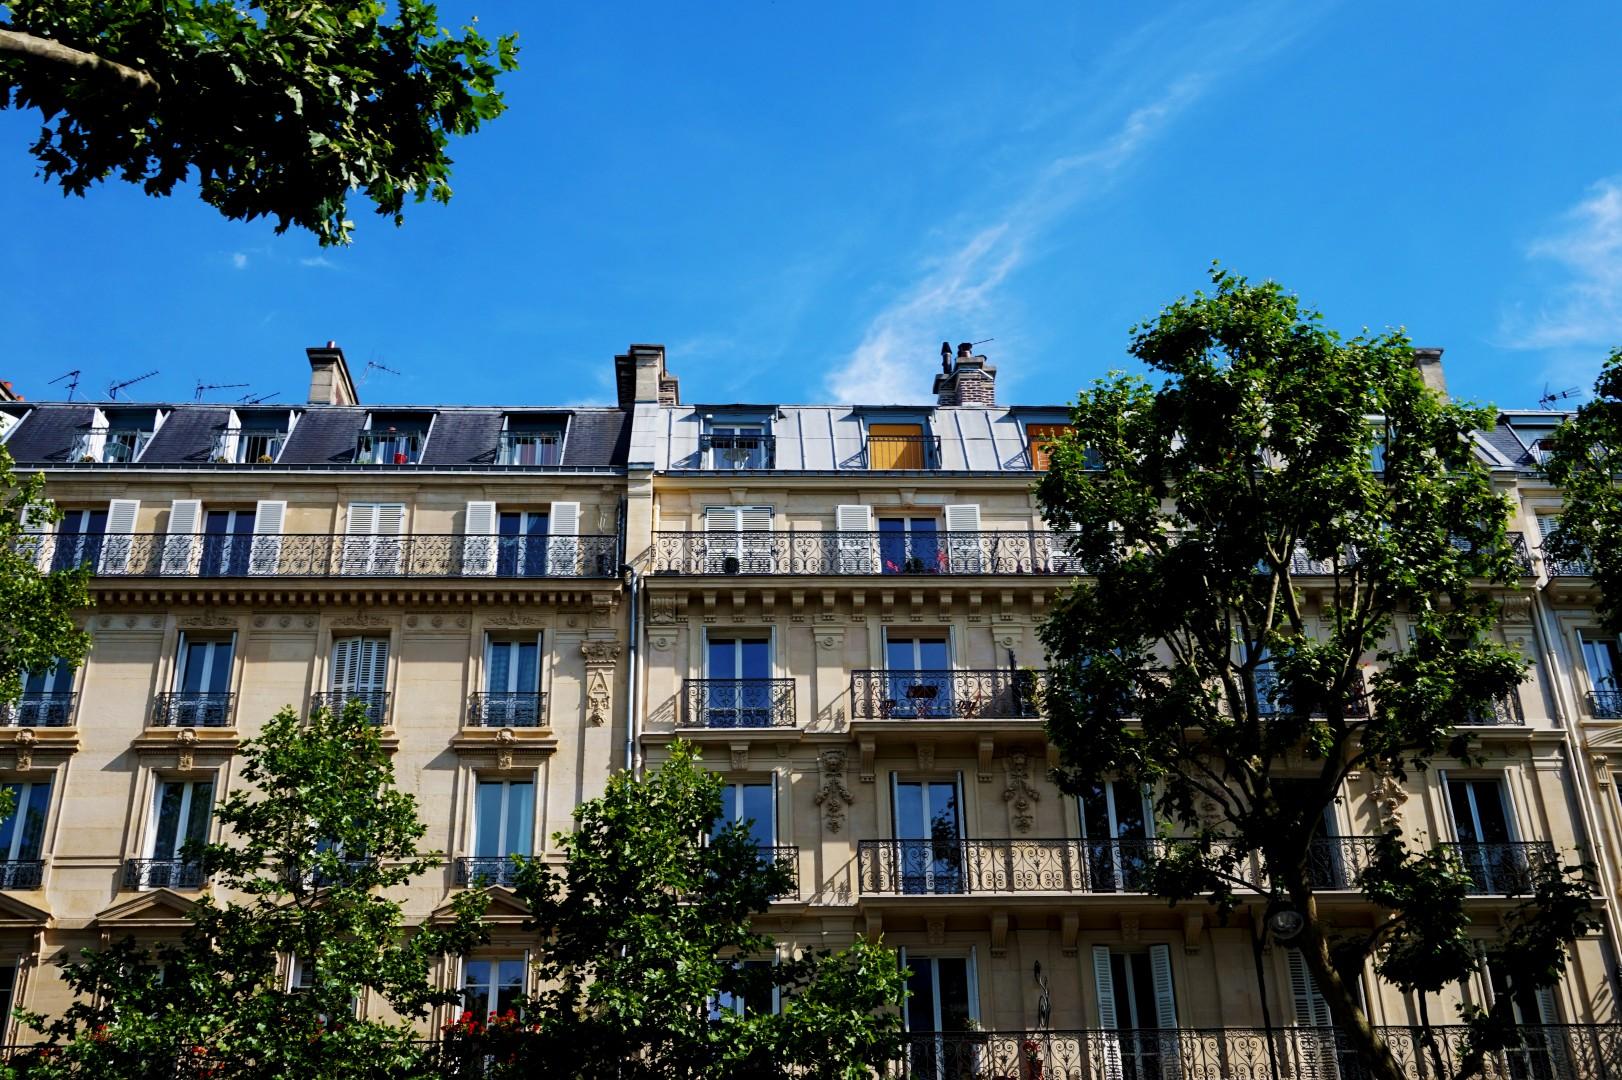 Balade dans le quartier Arts et Métiers (Paris 3e)